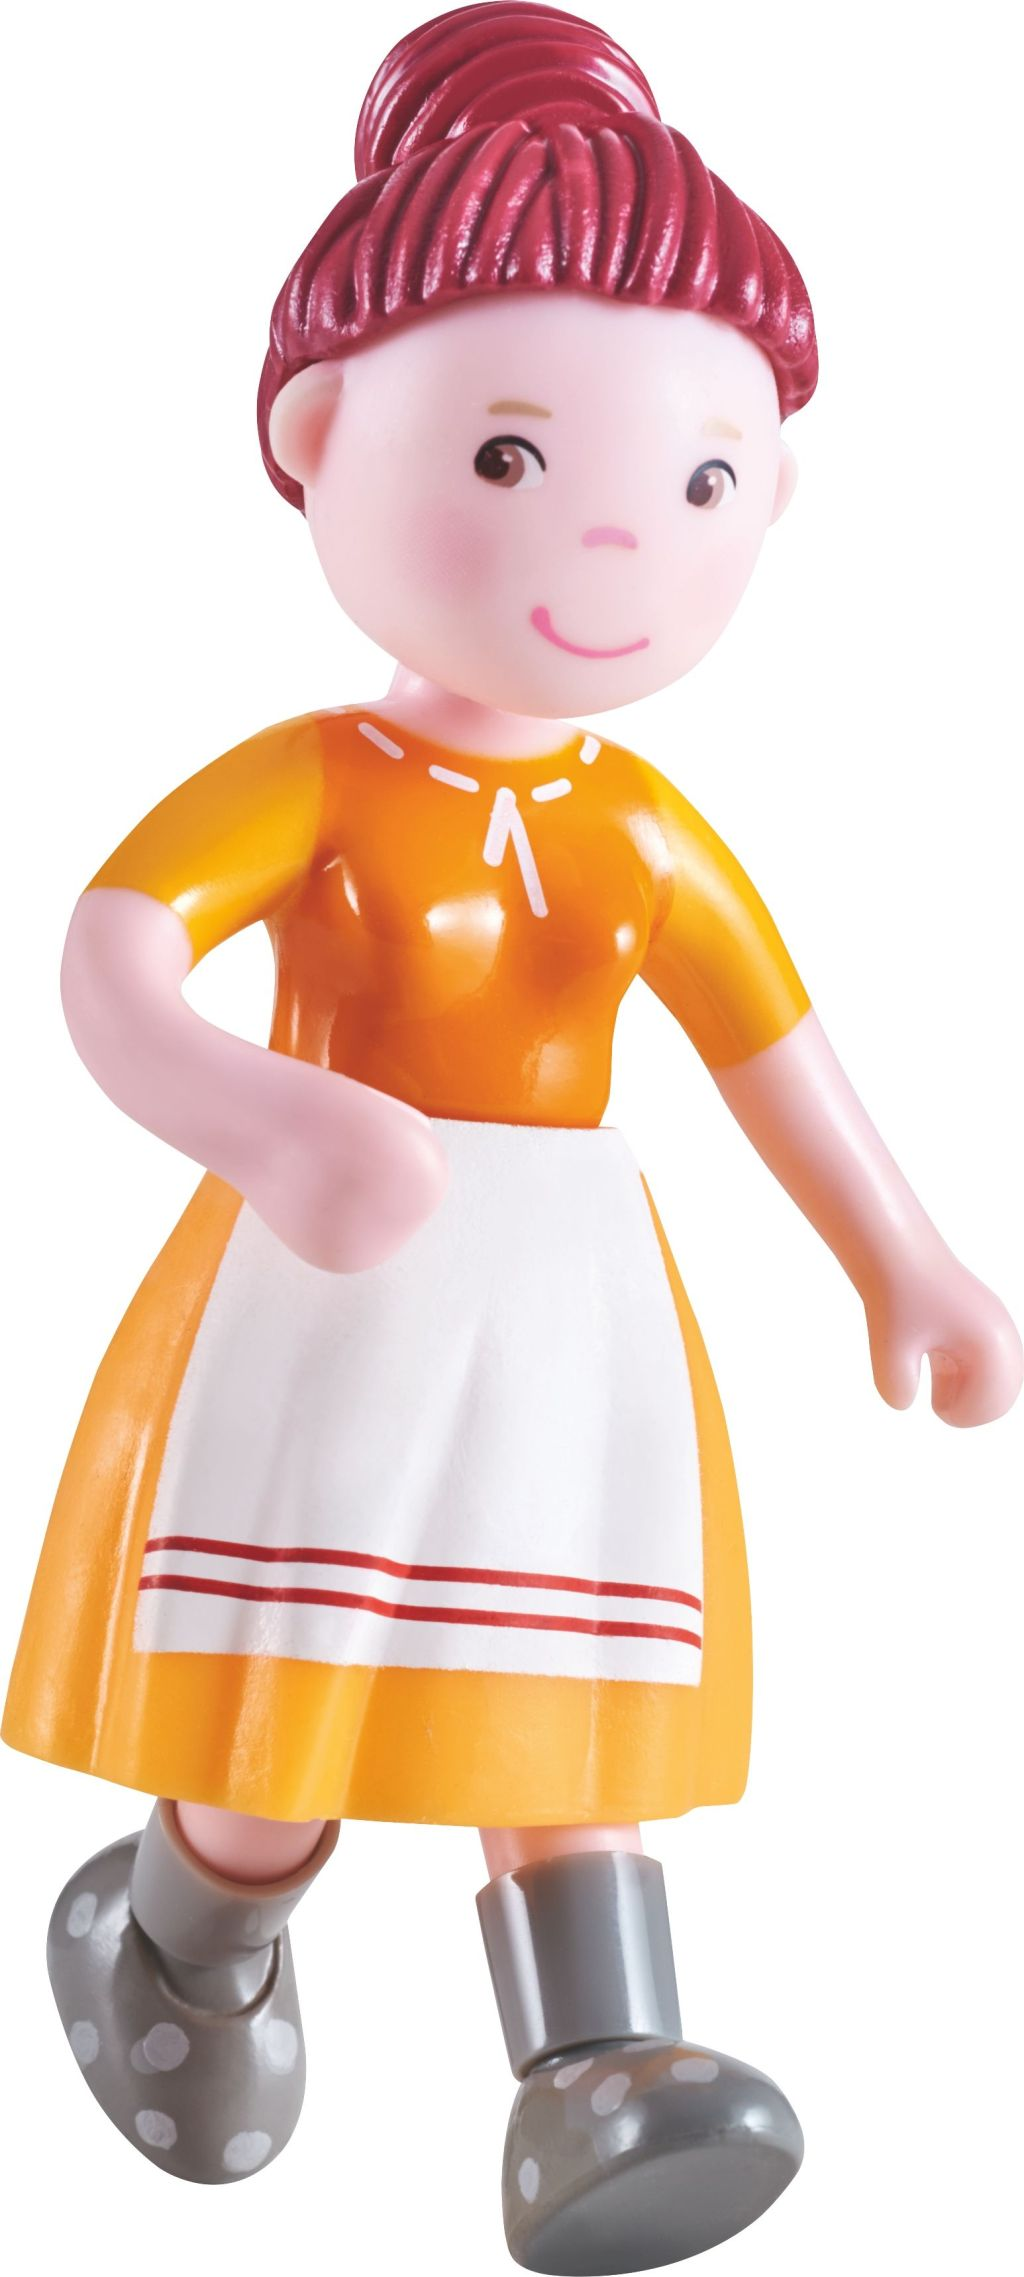 Biegepuppe Elise 300517 NEU Haba Little Friends Babypuppen & Zubehör Puppen & Zubehör